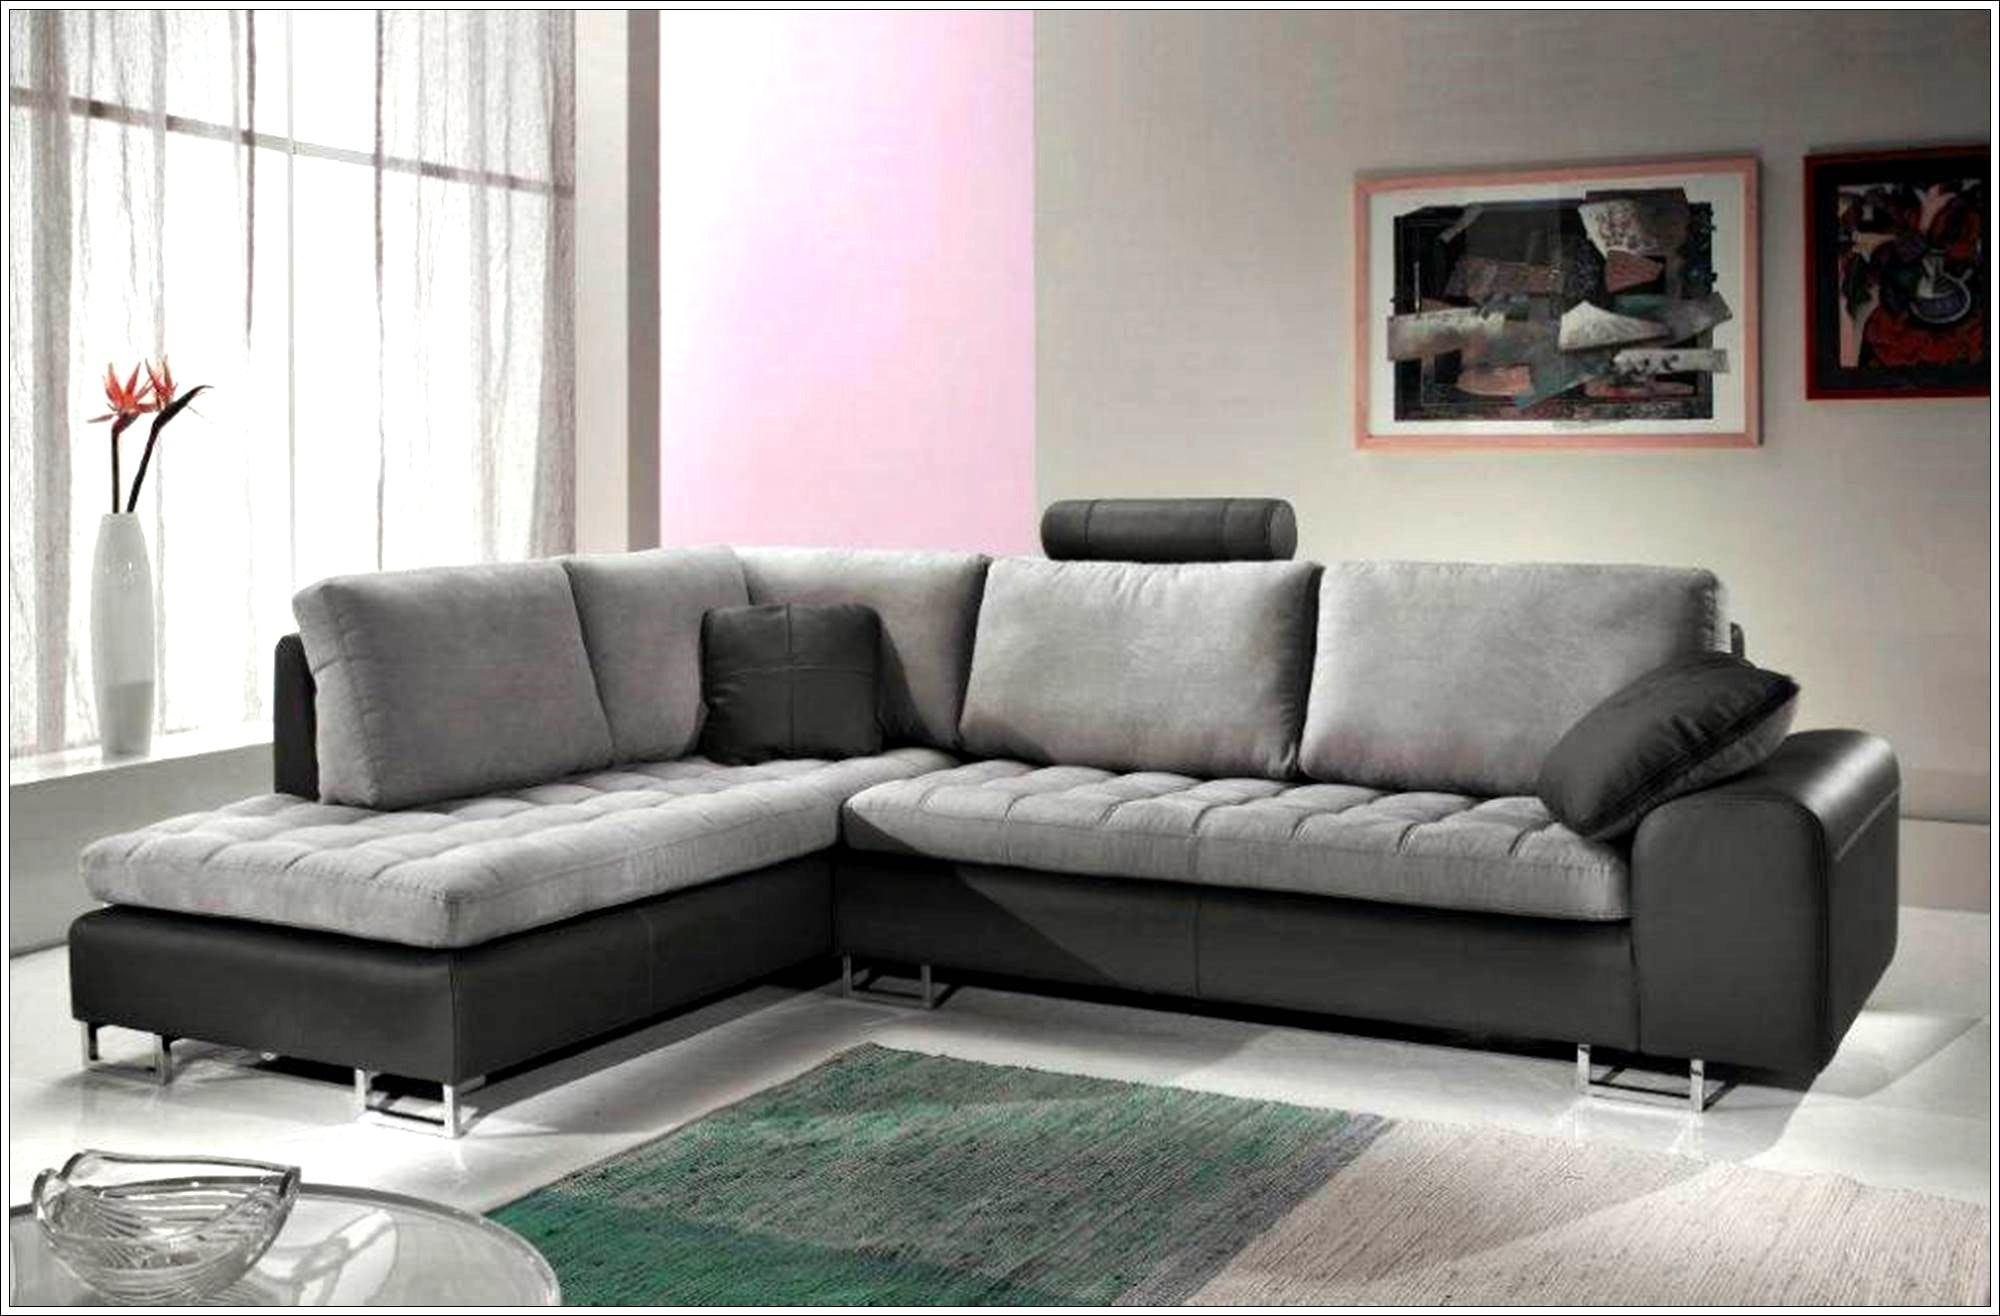 Canapé Convertible Gris Chiné Beau Photos Incroyable Canapé Gris Design Décor  La Maison Et Intérieur